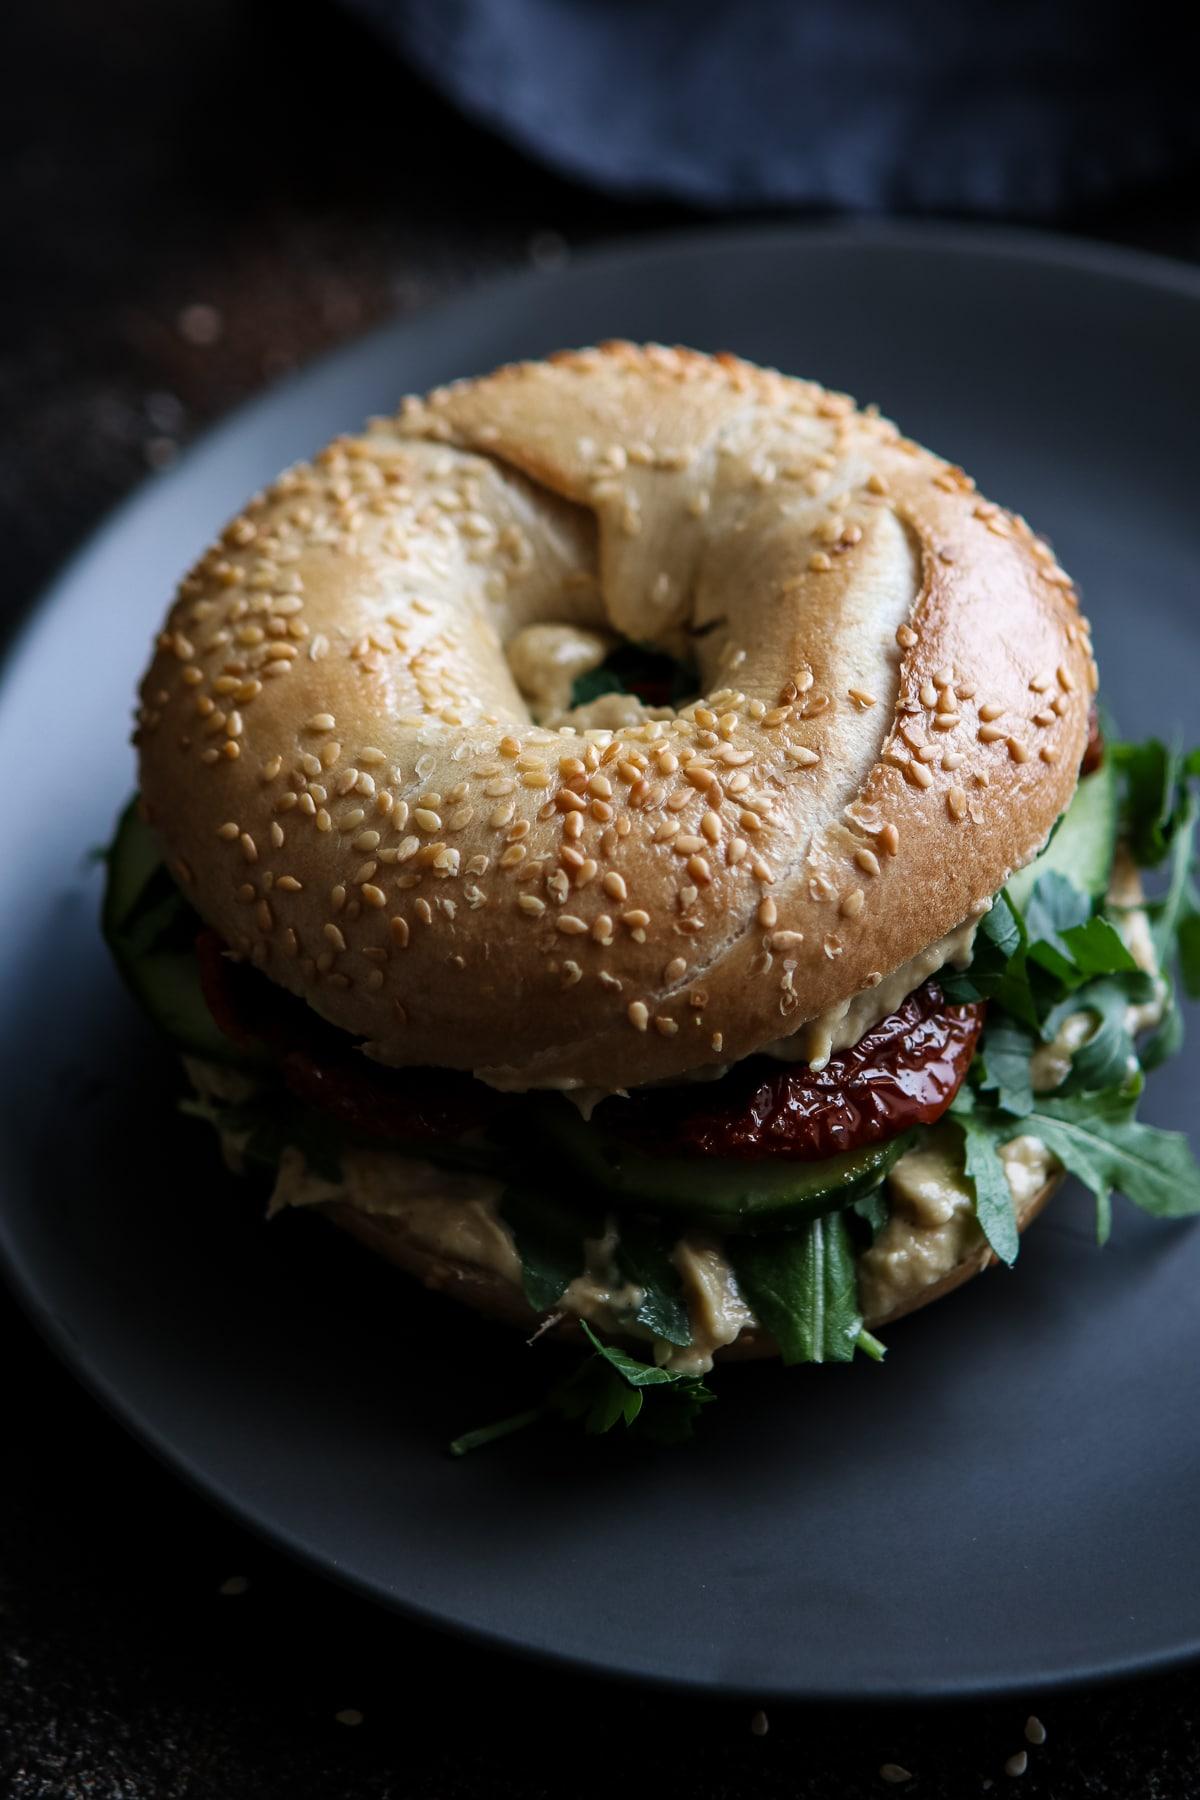 Vegan Bagel Sandwich Top View.